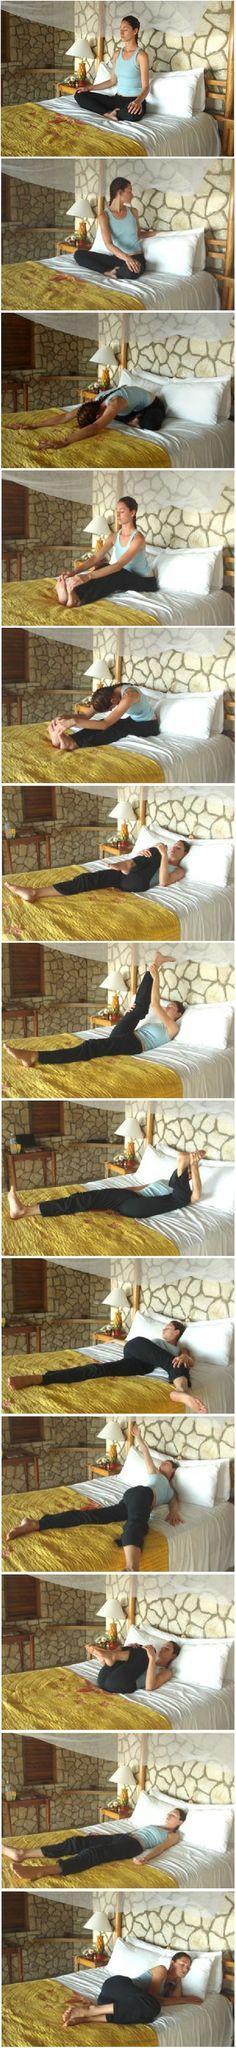 Traductor google-Tiempo de la cama (o en cualquier momento) estiramientos de yoga. Libera la tensión en la espalda baja, alargando la columna lumbar. Intentado esto esta noche. No recuerdo la última vez que estuve tan relajado. Se siente tan bien para liberar la tensión después de un largo día.